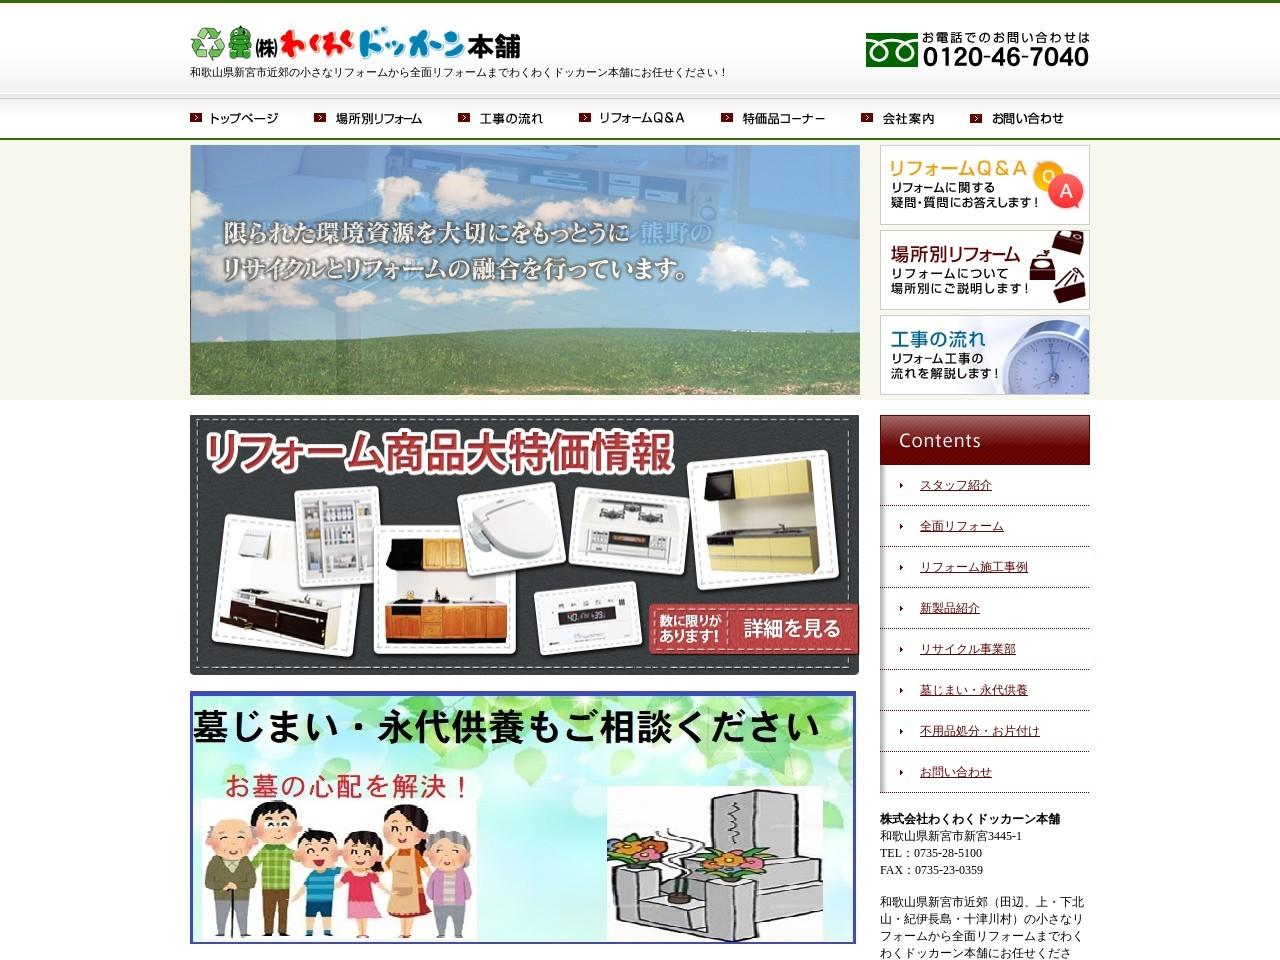 和歌山県新宮市にあるリフォーム店です。和歌山県新宮市近郊のリフォームはわくわくドッカーン本舗にお任せ下さい。